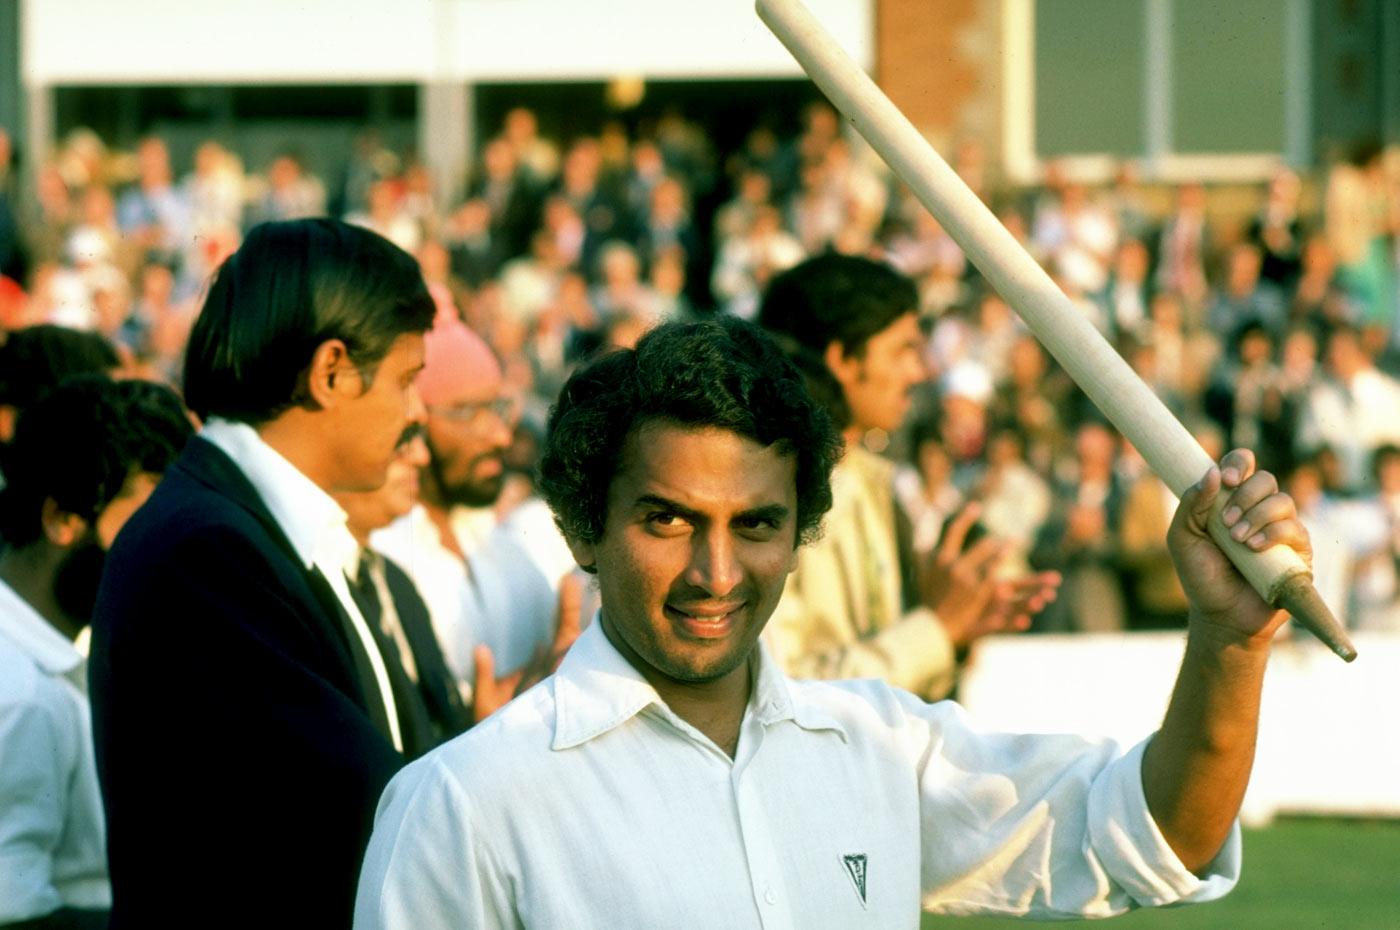 लगातार सबसे अधिक टेस्ट मैच जीतने वाले भारतीय कप्तान 1